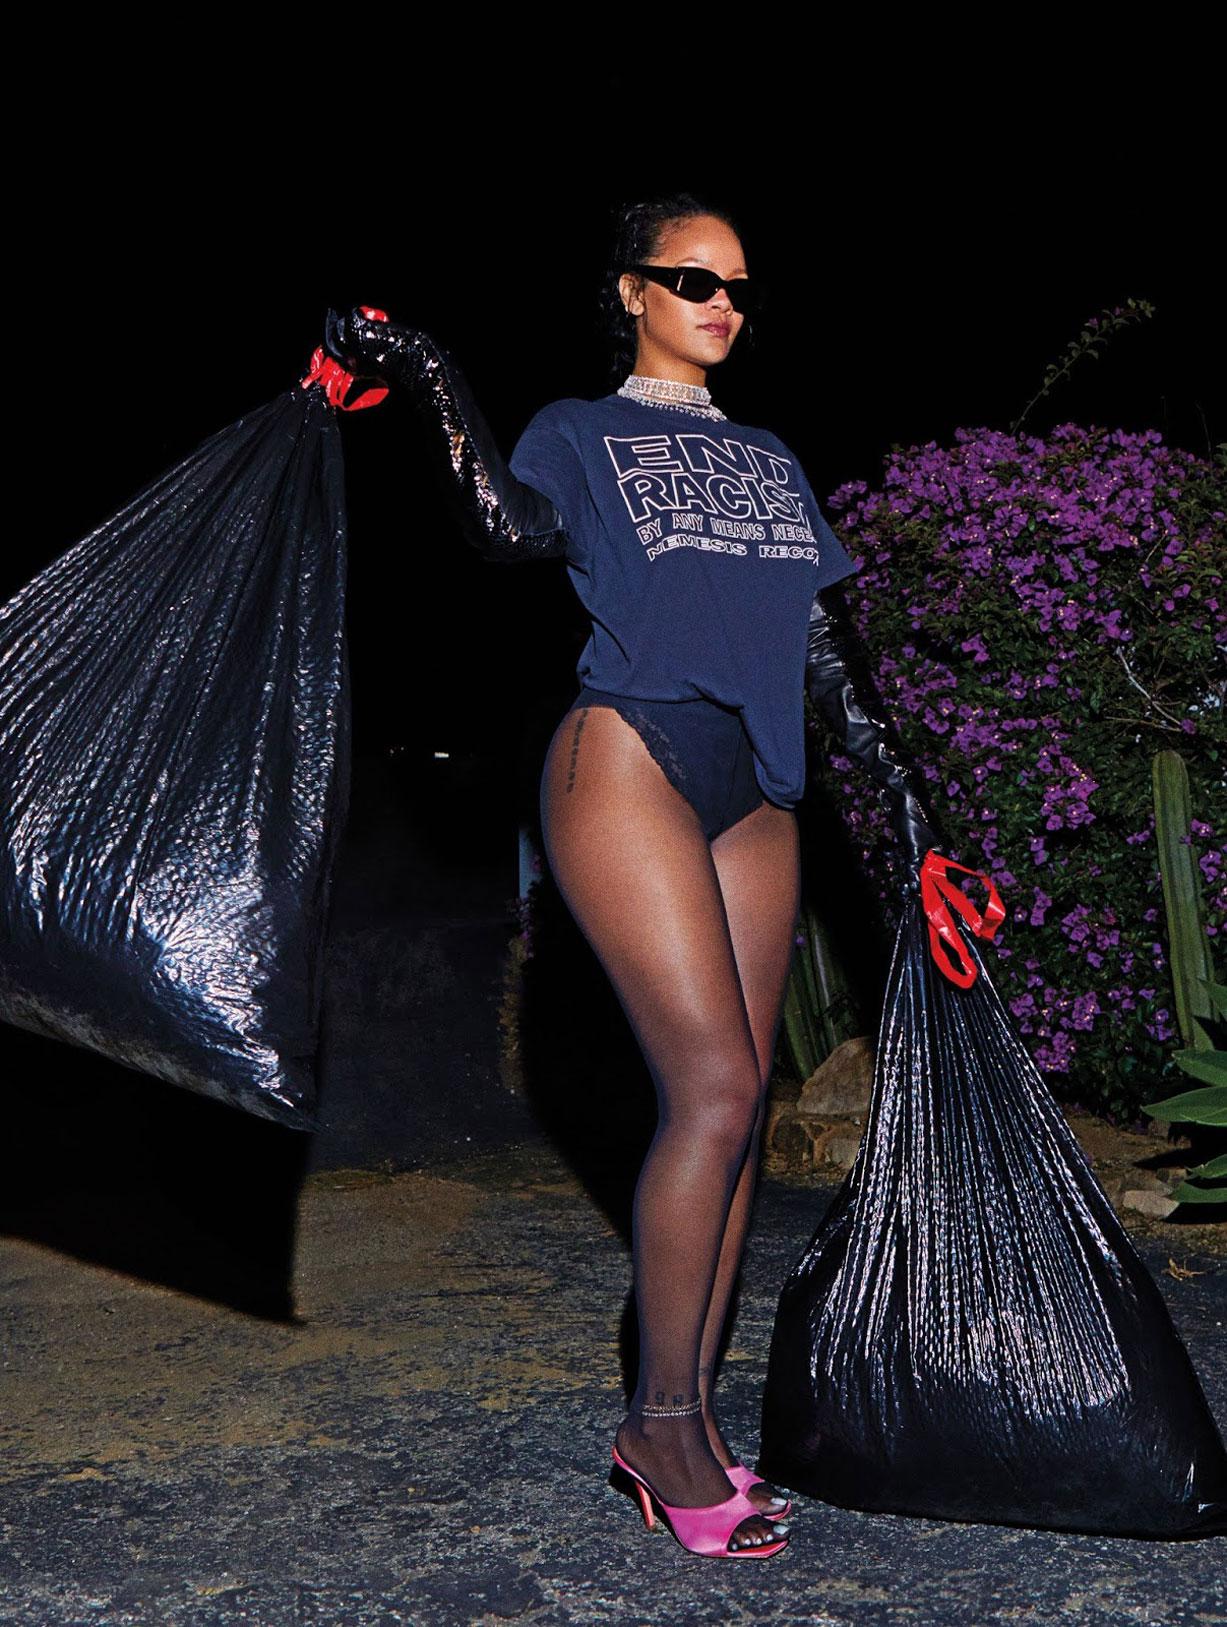 Рианна в журнале Harpers Bazaar, сентябрь 2020 / фото 15